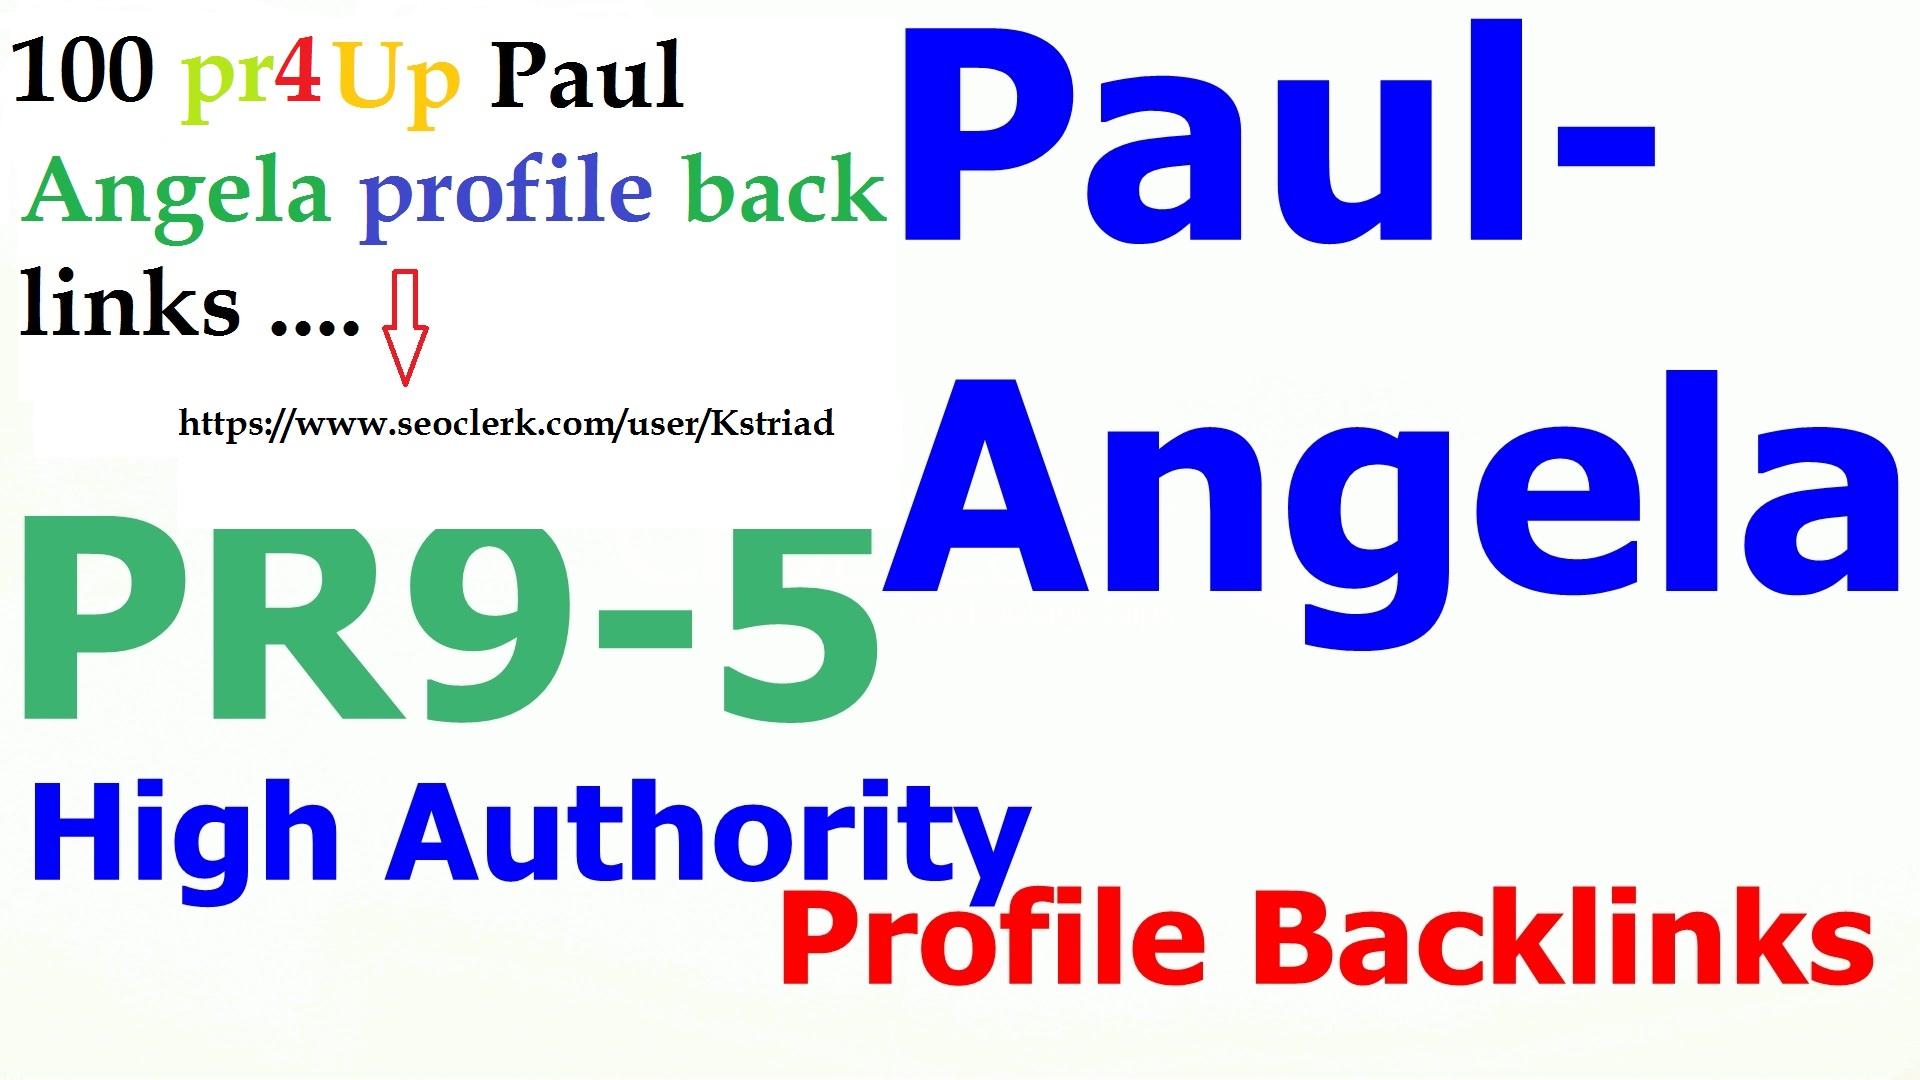 Manually create 100 Pr4 Up paul angela backinks